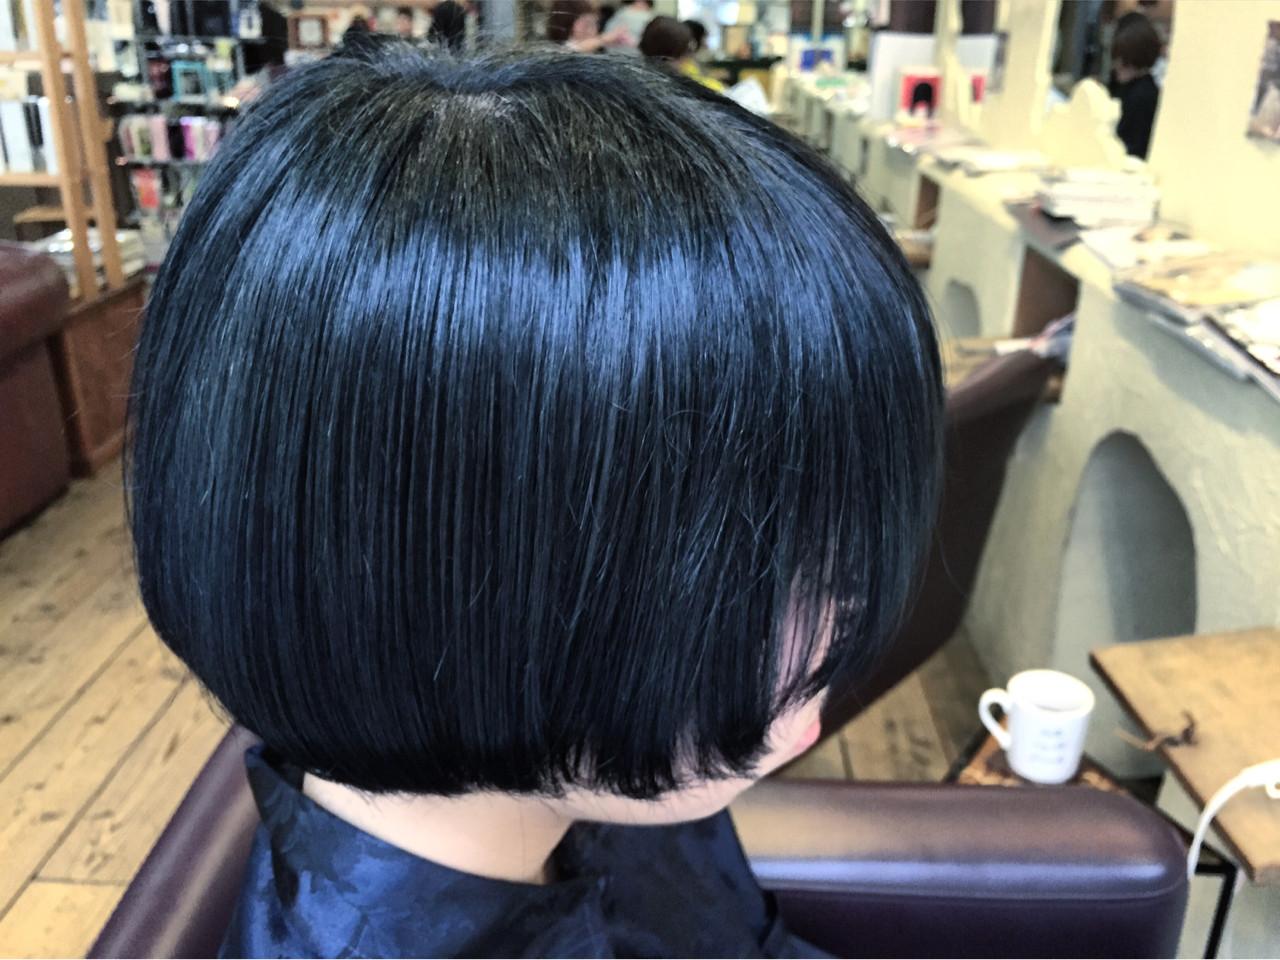 モード ショート ブルージュ ブルー ヘアスタイルや髪型の写真・画像 | 星野忍伸 / SHAMPOOBOY FLAP